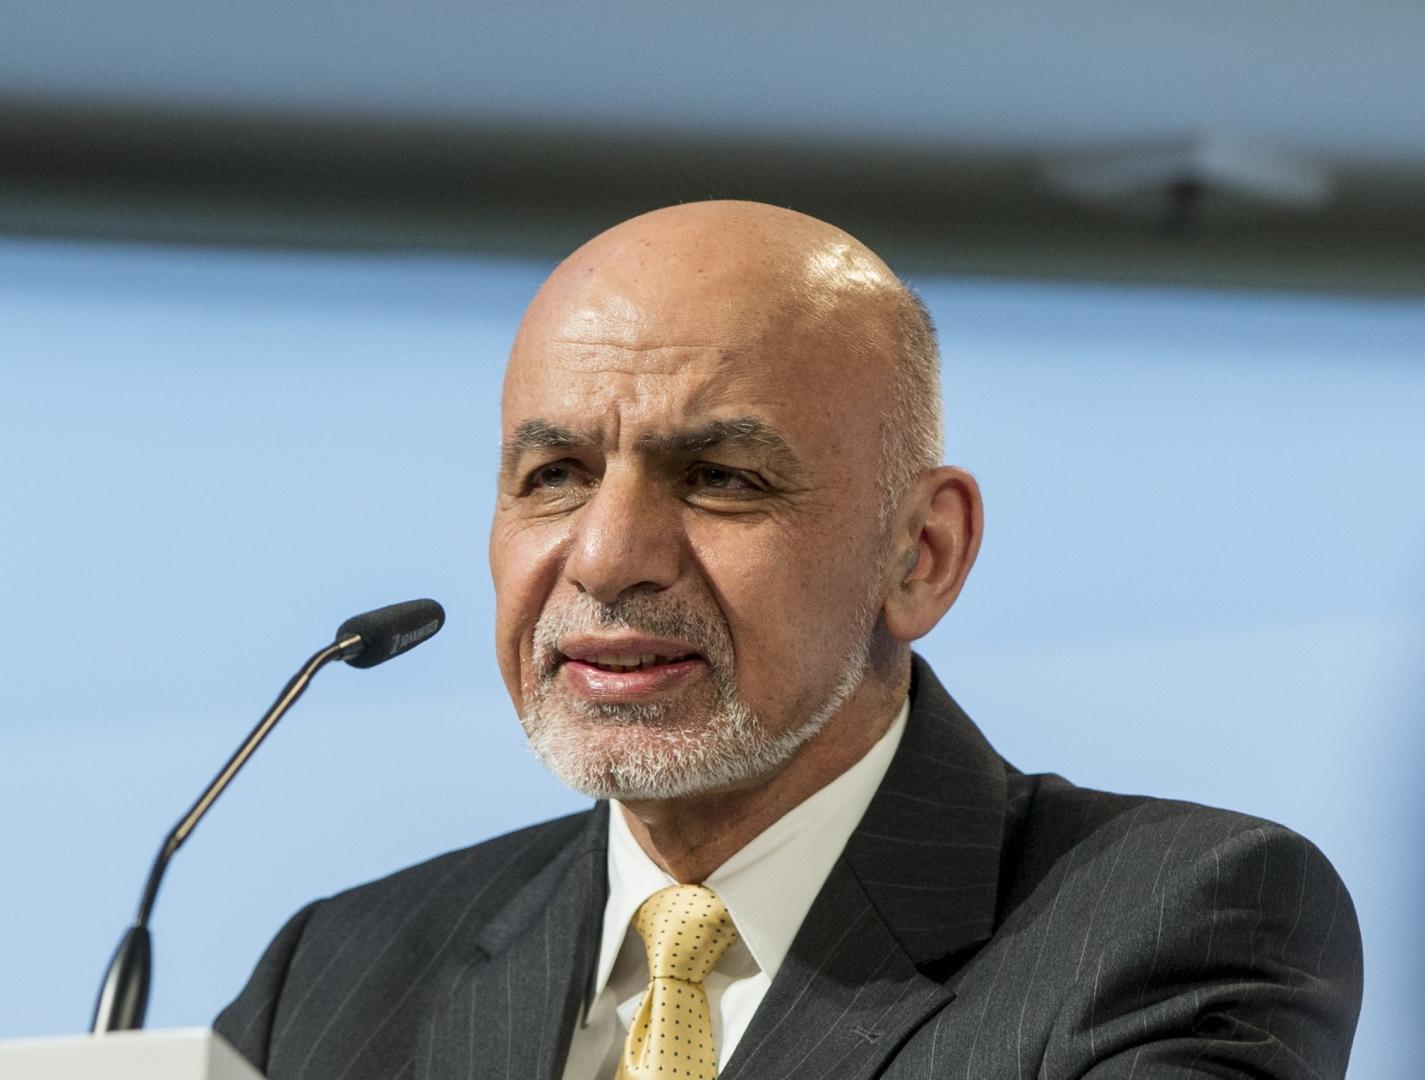 Названа сумма украденного президентом Афганистана из казны